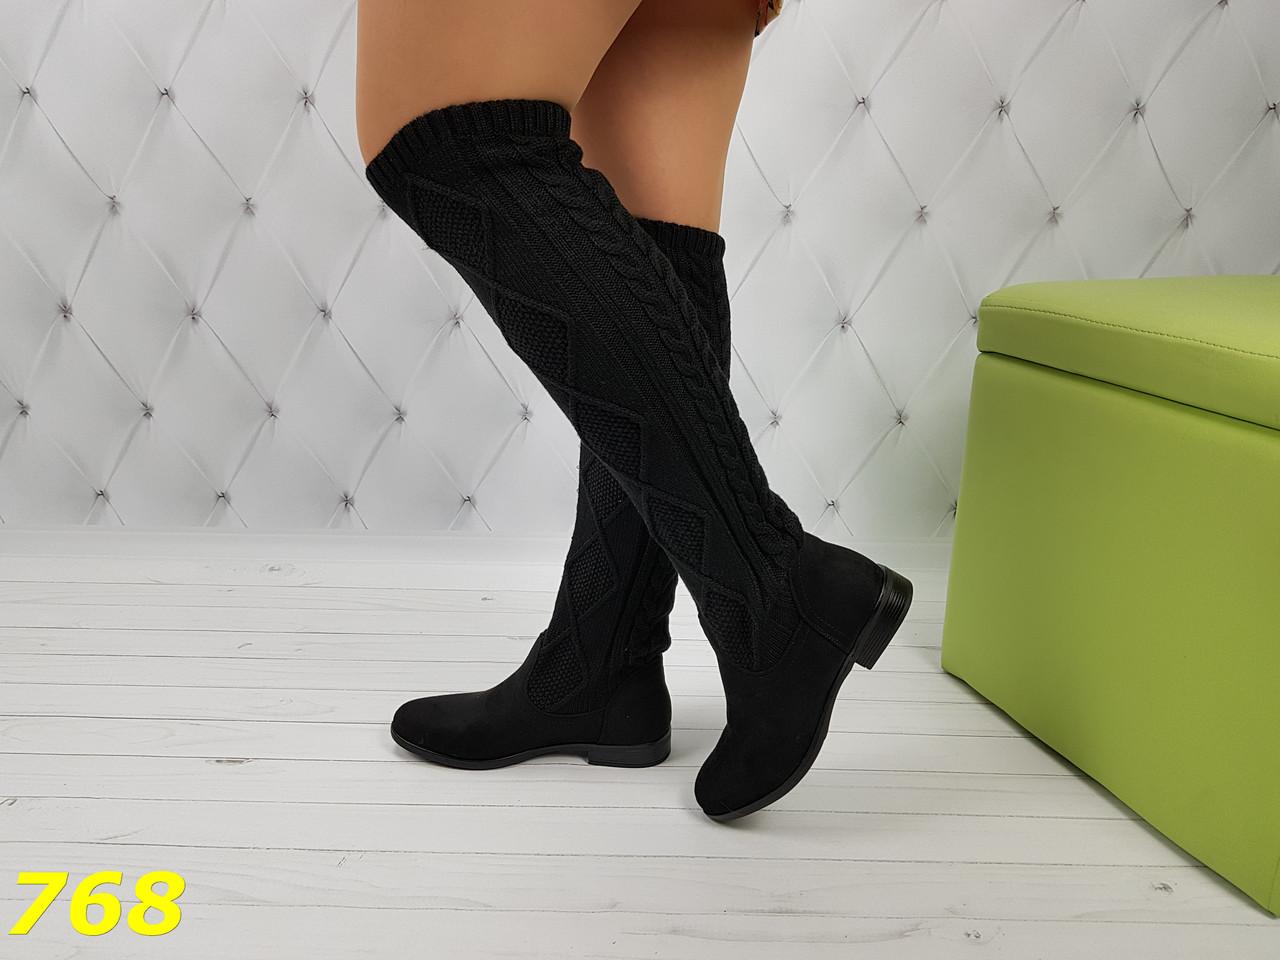 e273de23b Сапоги чулки на низком ходу с вязаным голенищем черные - Поставщик женской  и детской обуви в